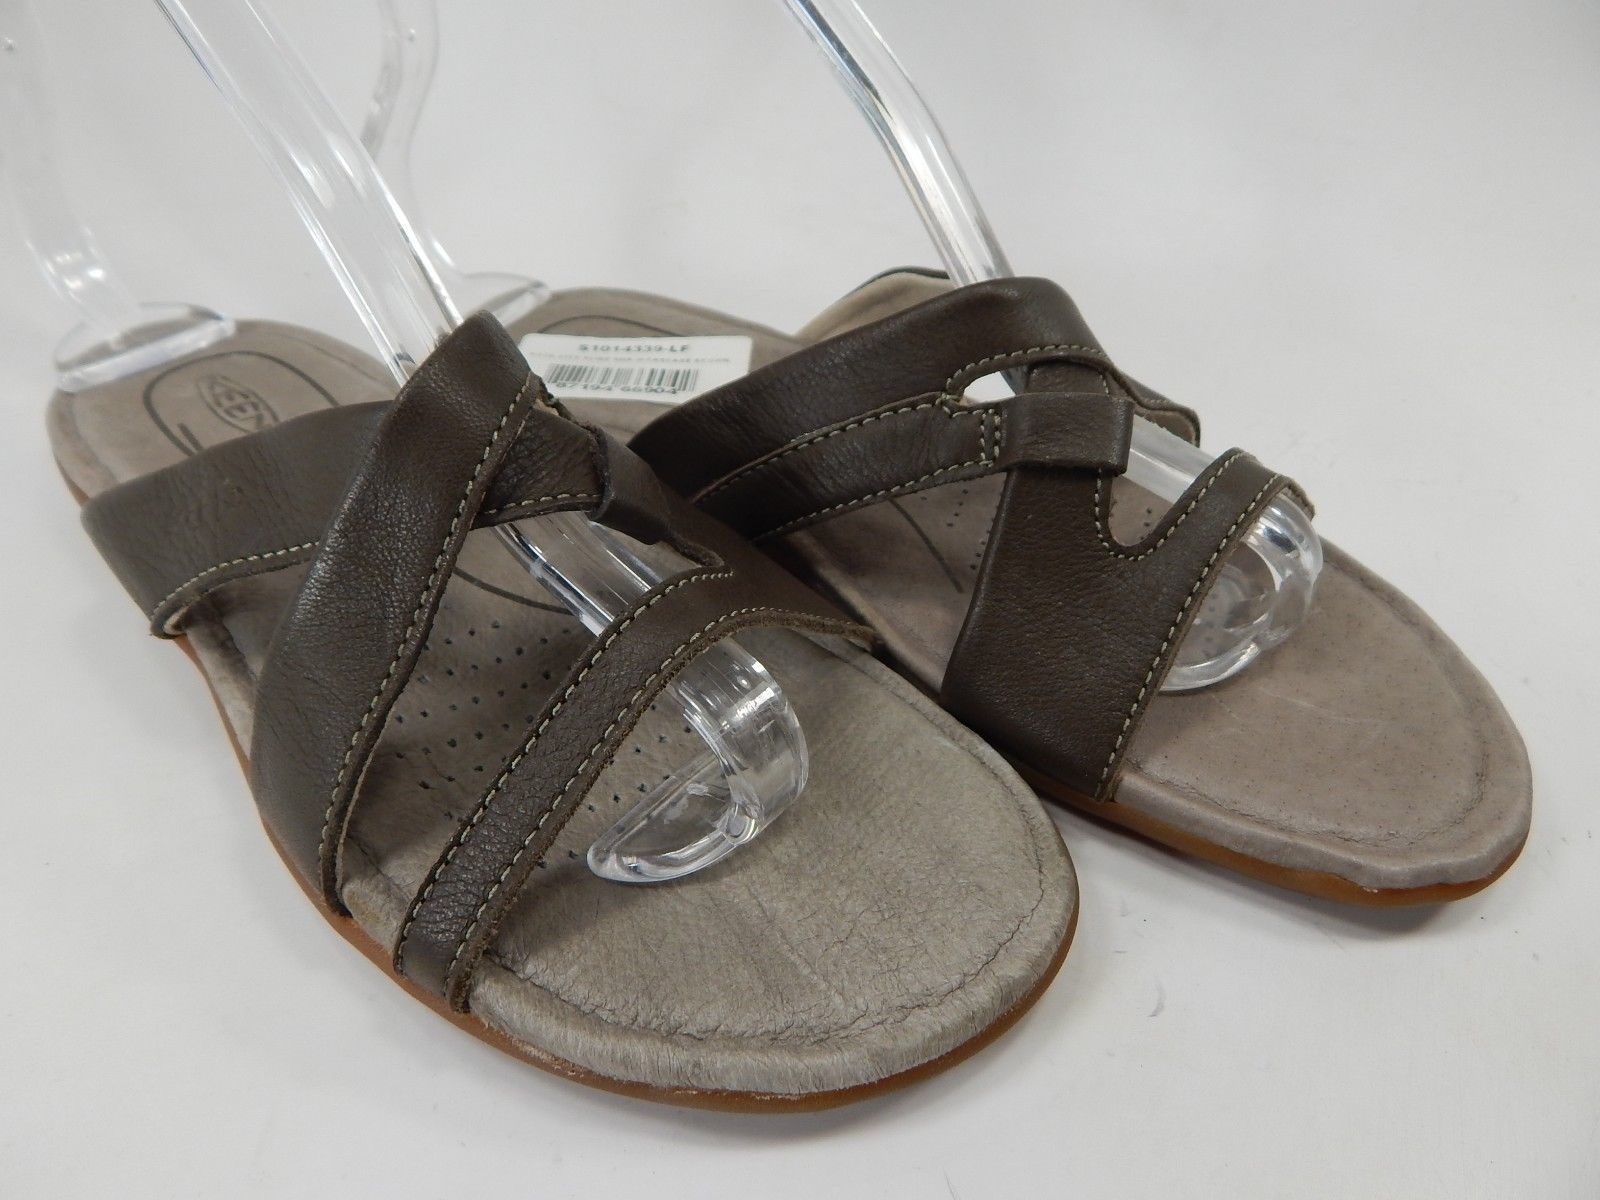 Keen Rose City Slide Women's Sport Sandals Size 7 M (B) EU 37.5 Cascade Brown